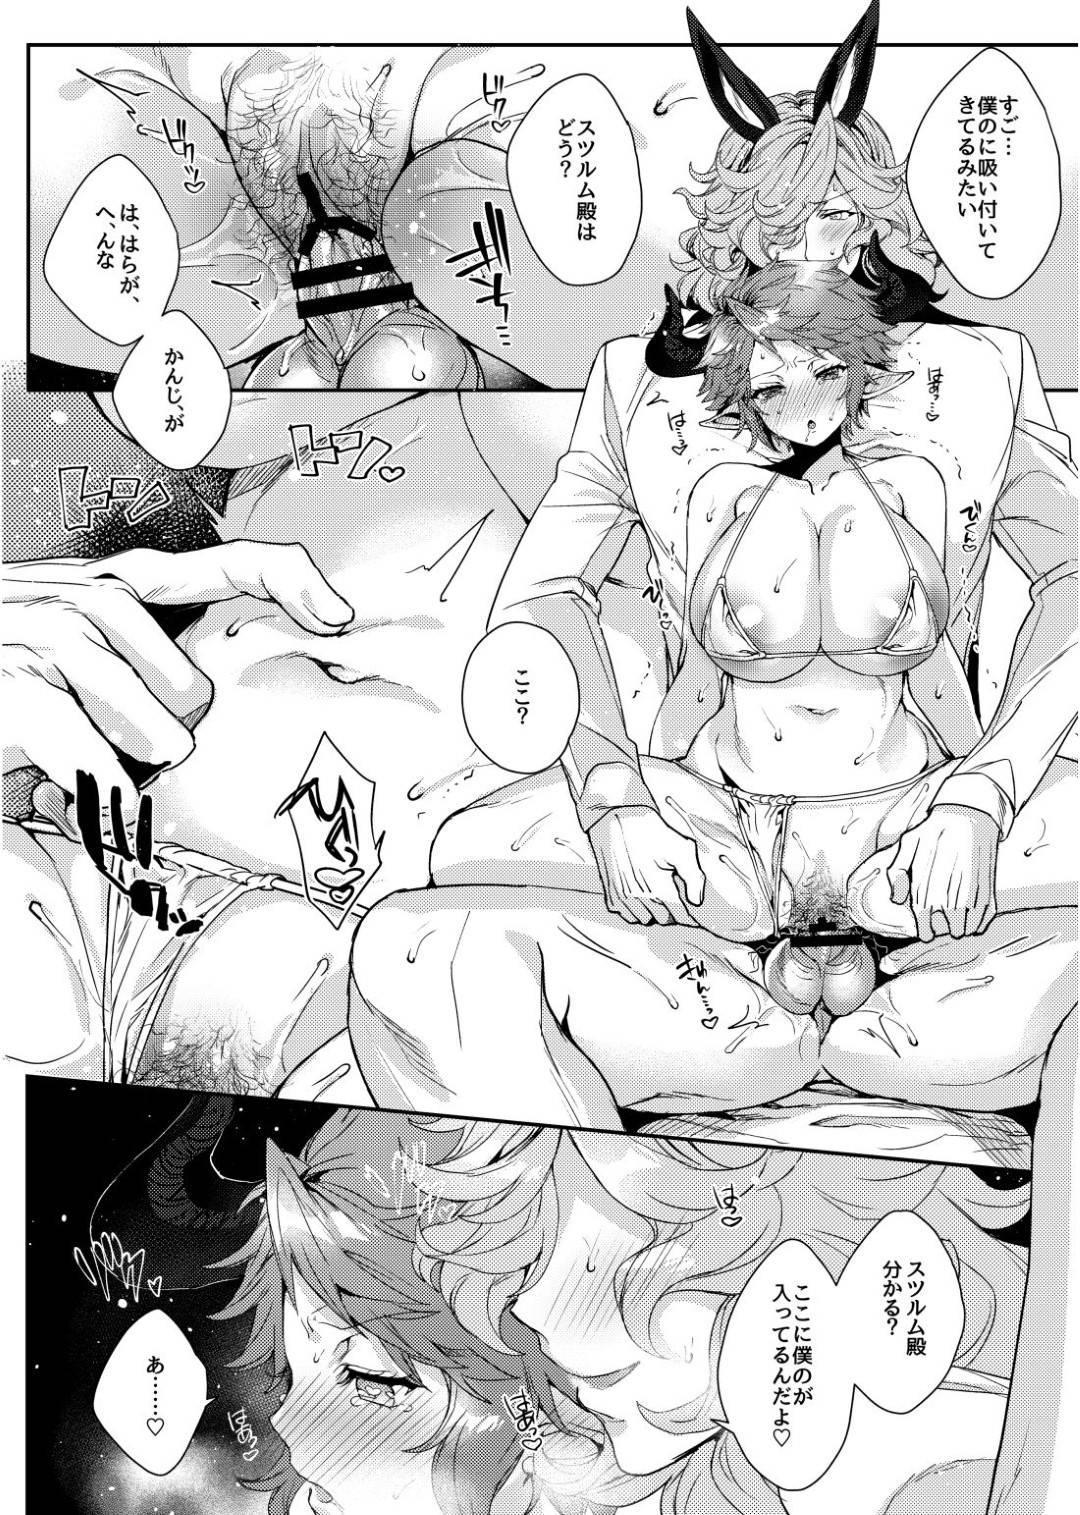 【グラブルエロ漫画】嫉妬しているスツルムを丸め込んでマイクロビキニを着させる事に成功したドランク。恥ずかしがり屋の彼女の乳首や脇を責め、赤面状態の彼女にパイズリやフェラさせ、そのまま生挿入でいちゃラブセックスに発展するのだった。【蜂蜜ロマンス】